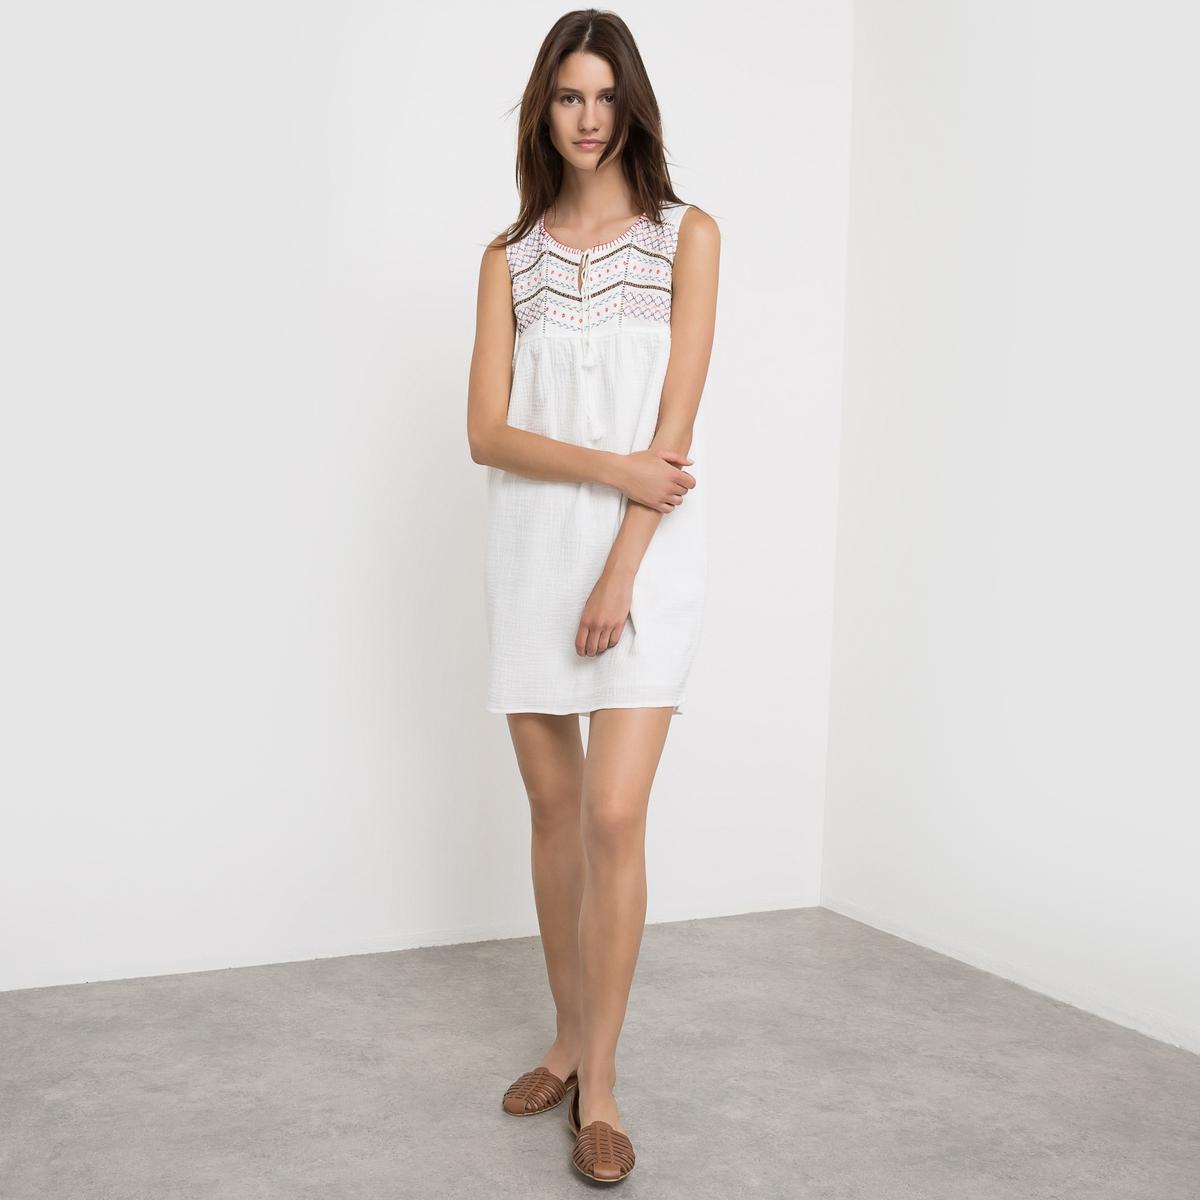 Платье без рукавов, с вышивкой и завязками SUNCOO платье без рукавов suncoo